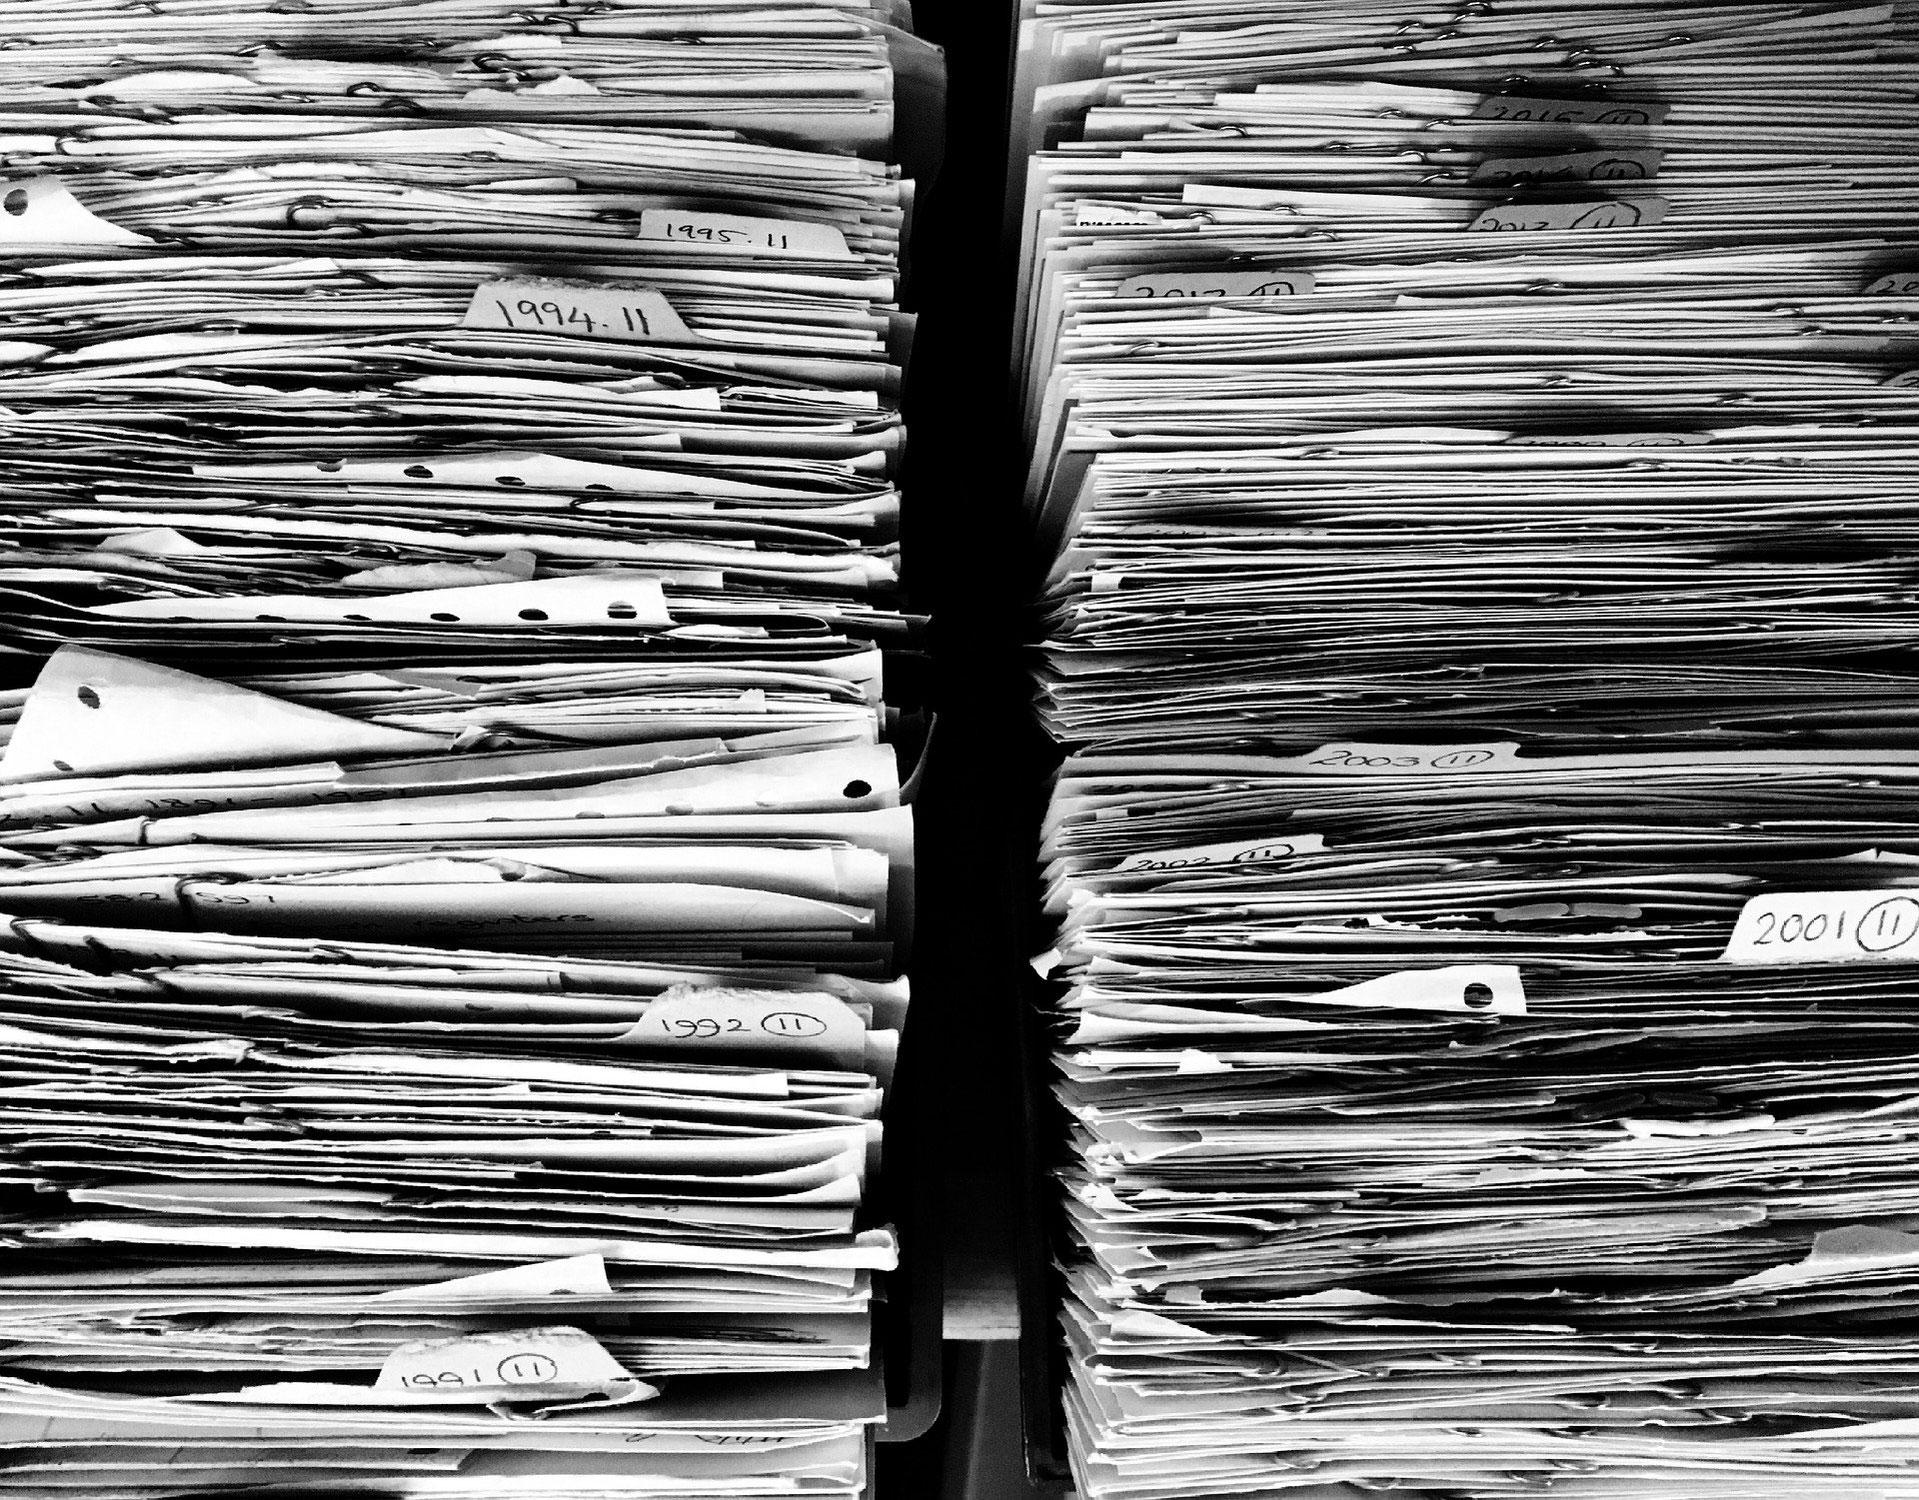 La réglementation dans notre métier : Beaucoup de papiers inutiles ? NON !